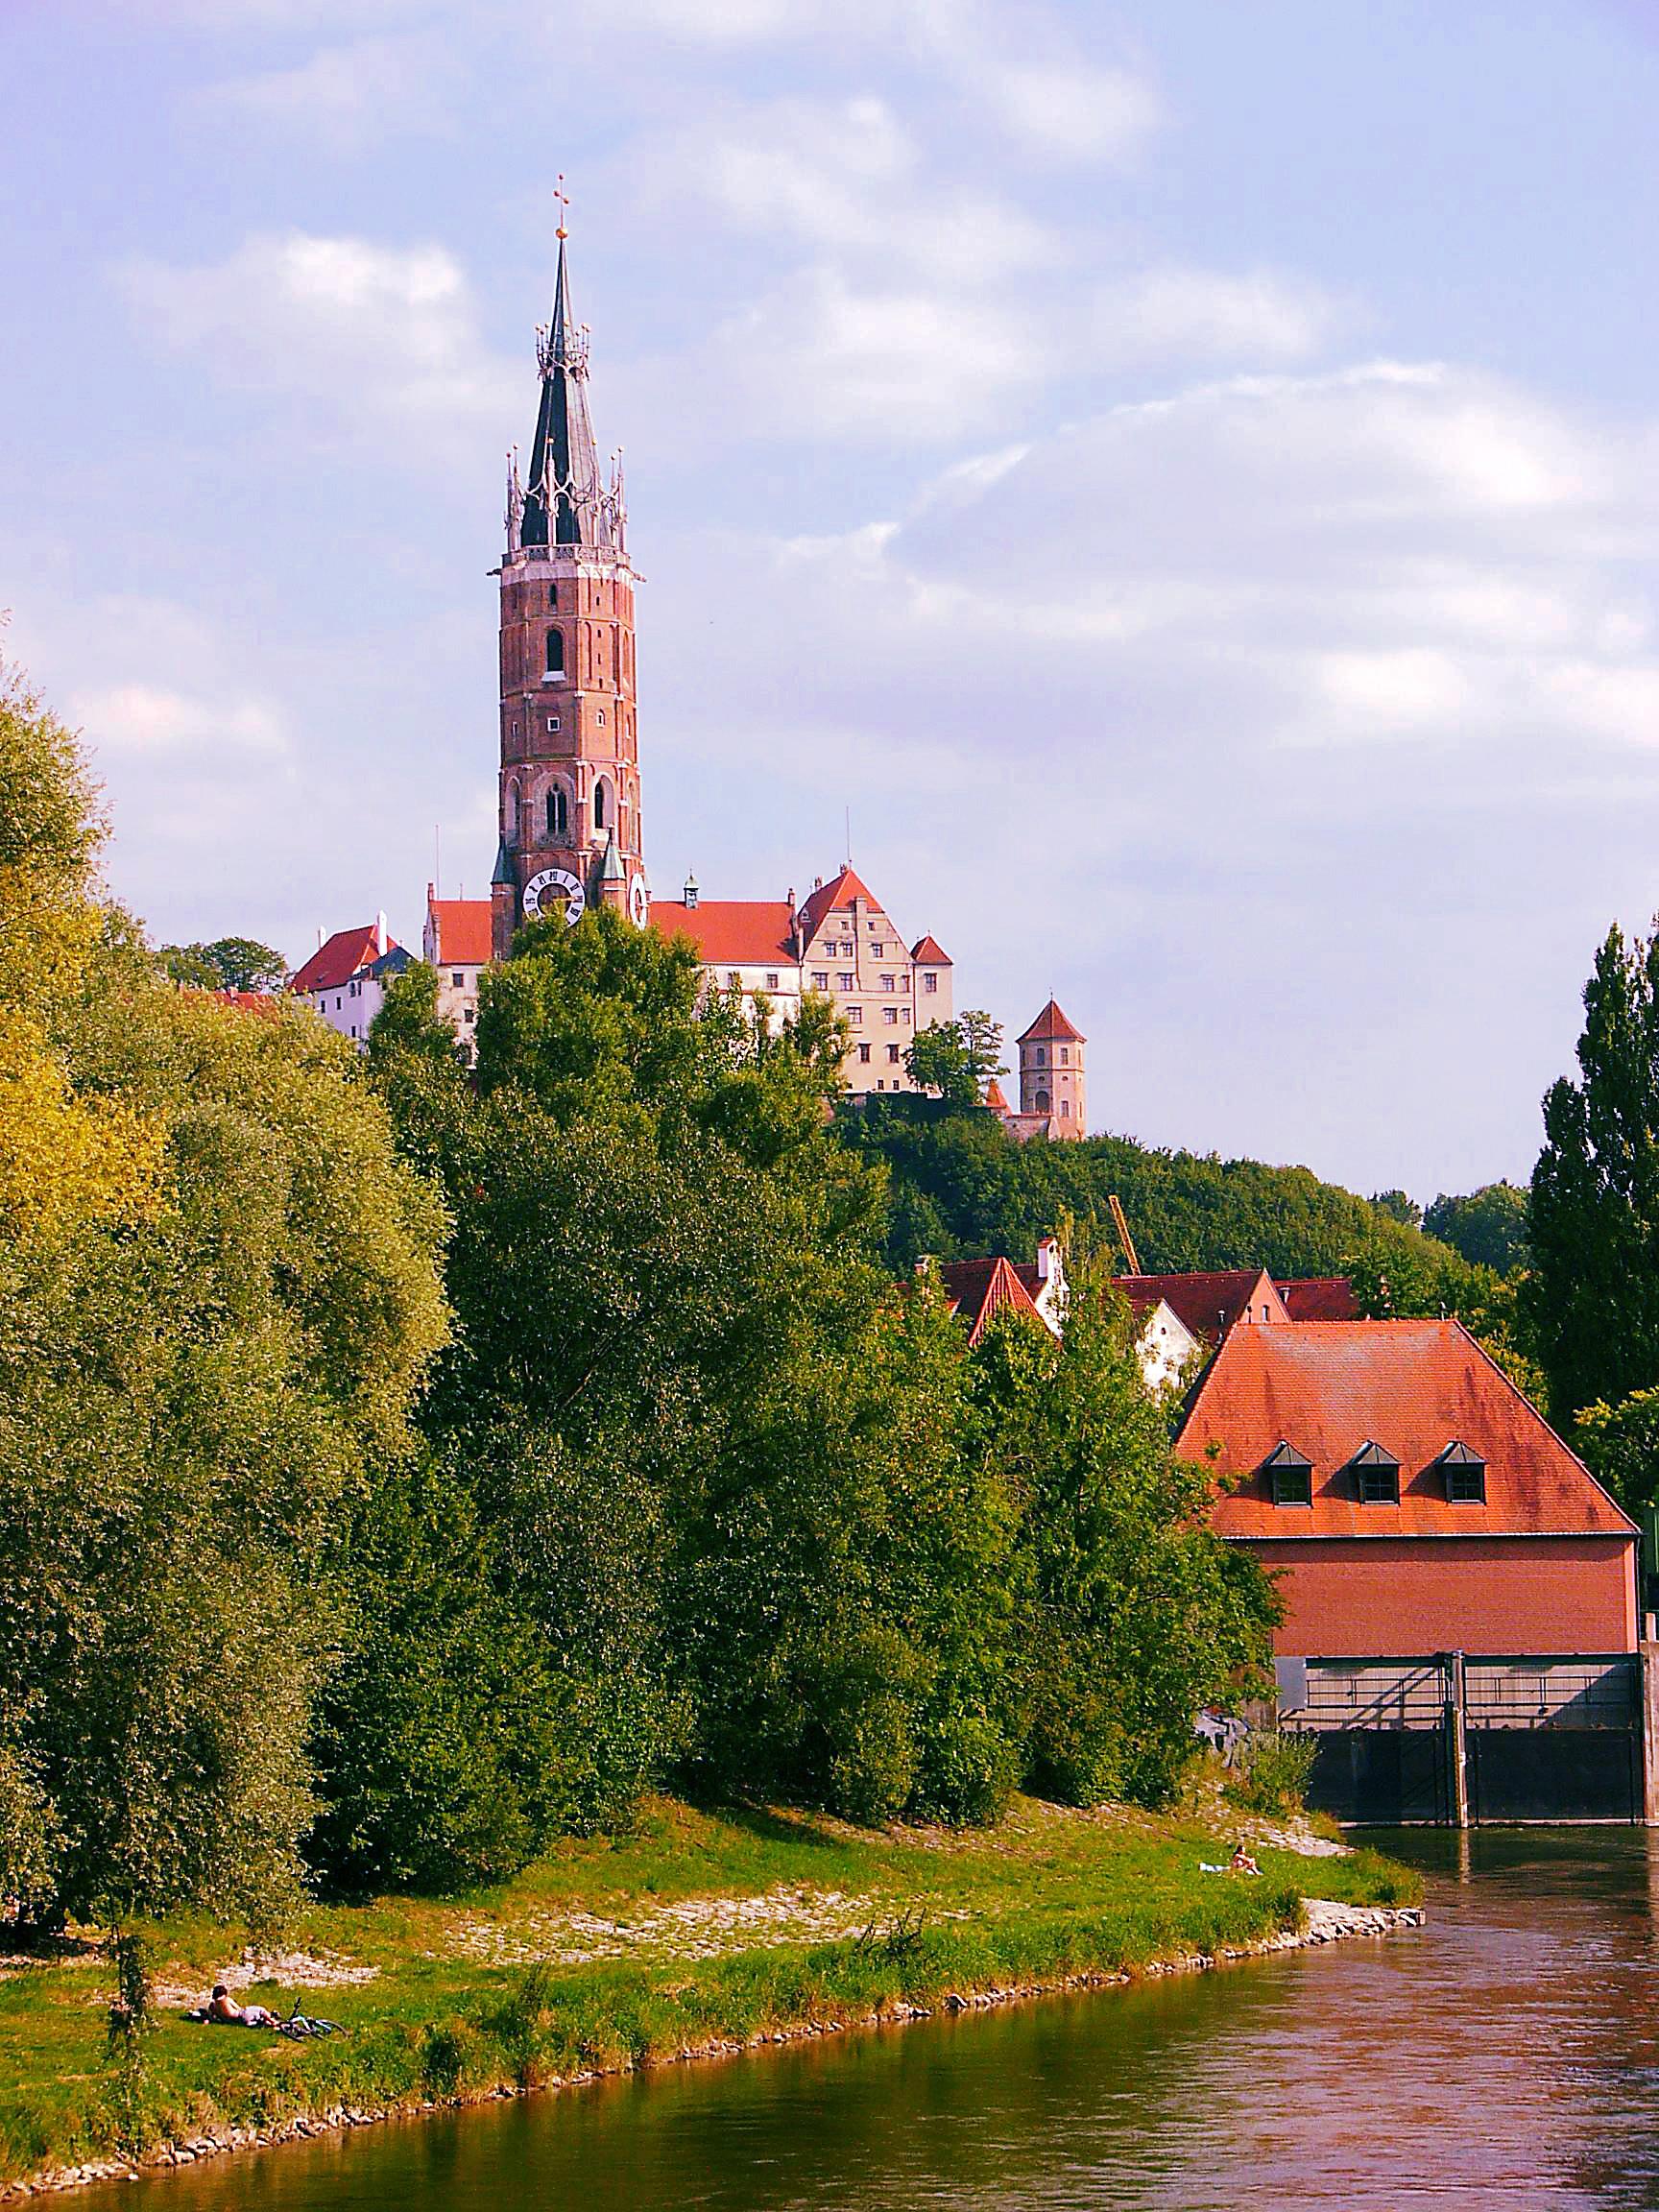 Bild von Bayern: Der Kirchturm der Stiftsbasilika Martinskirche (Landshut)